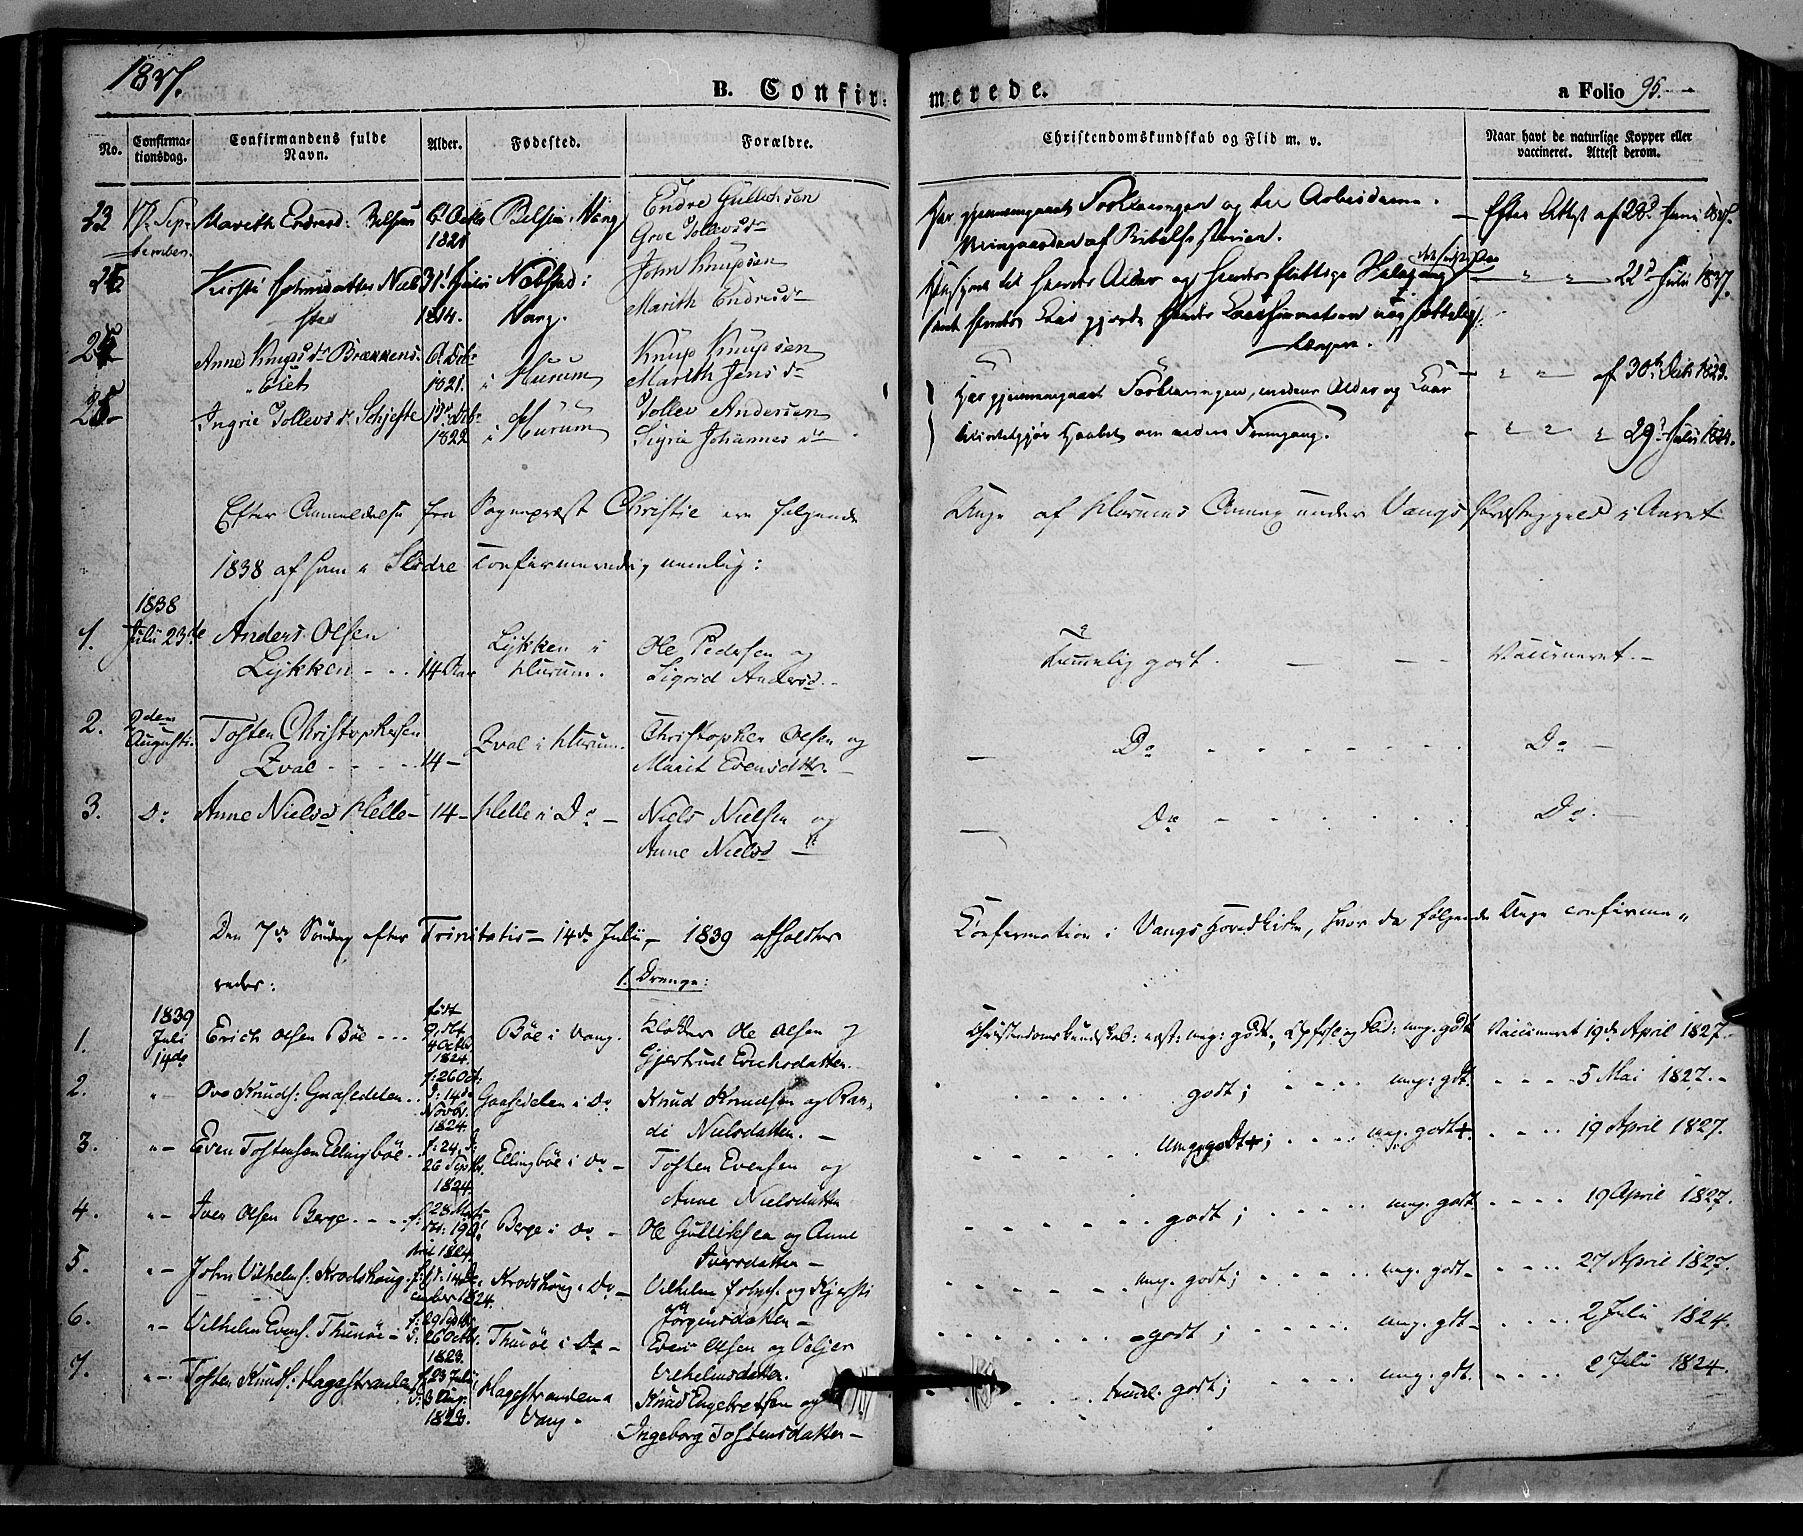 SAH, Vang prestekontor, Valdres, Ministerialbok nr. 5, 1831-1845, s. 95